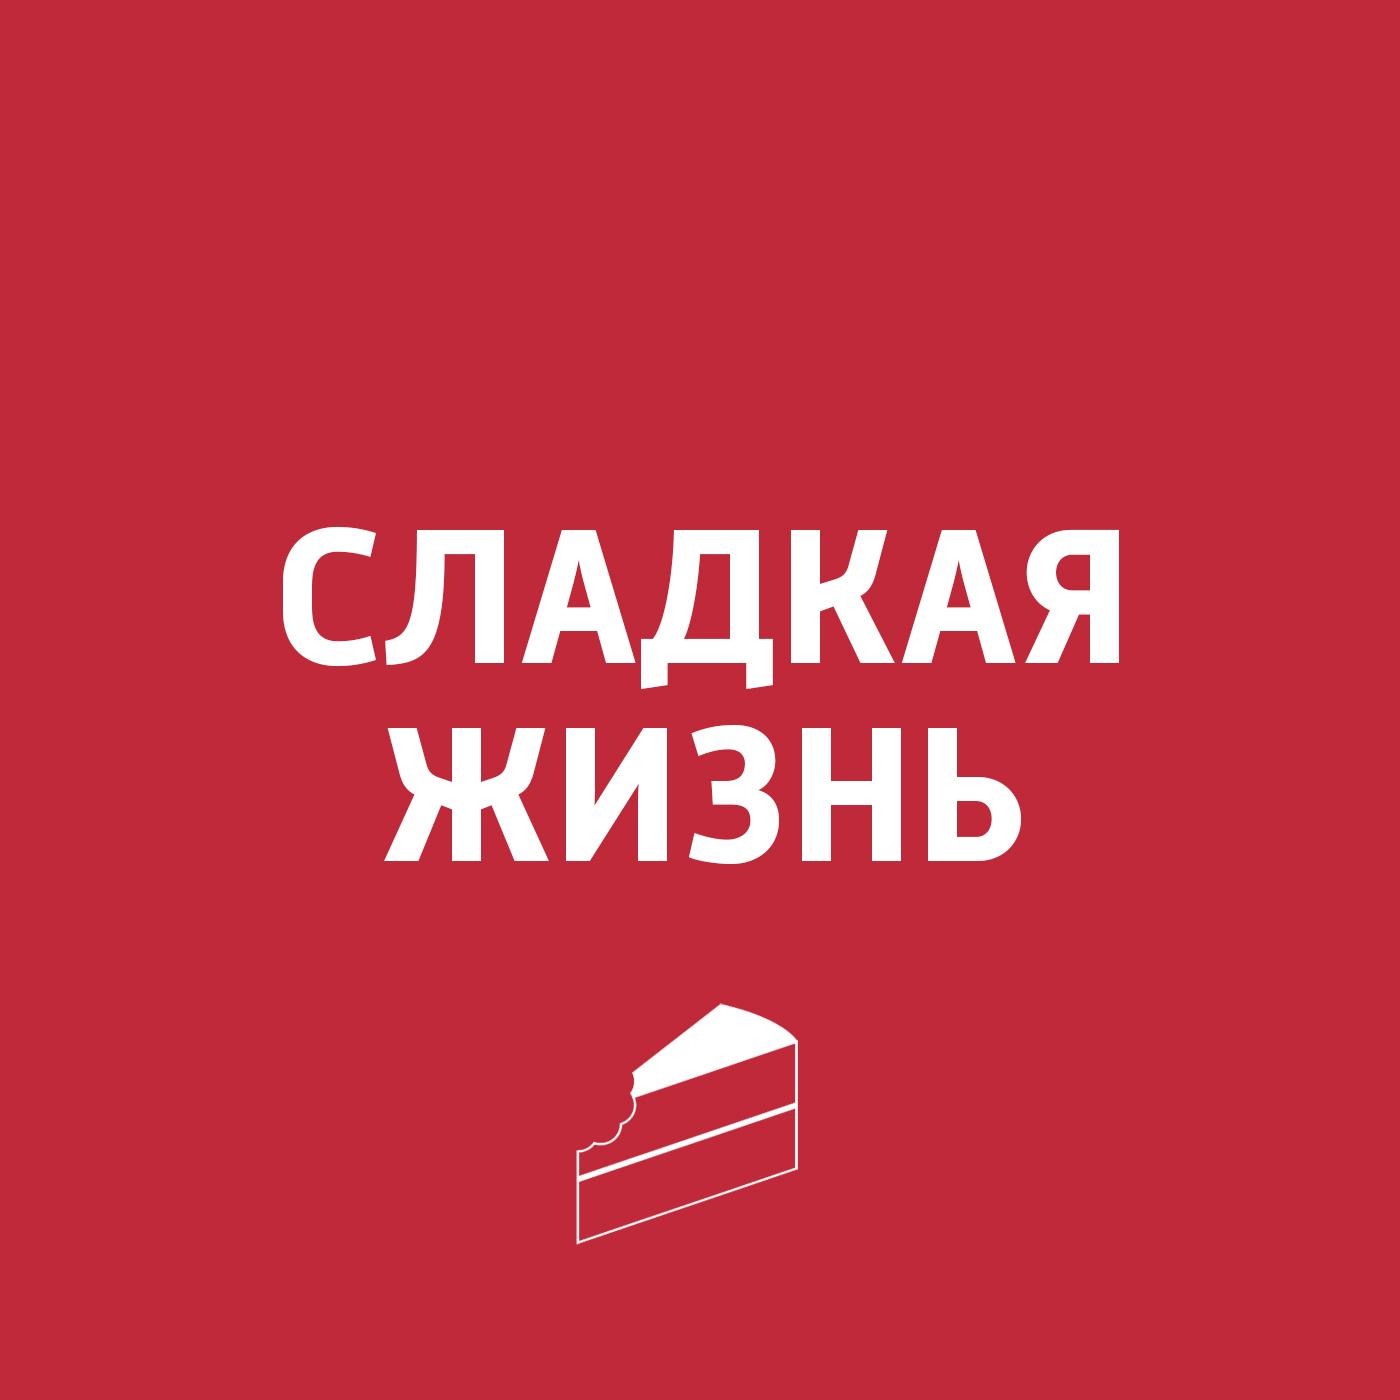 Картаев Павел Хлебный суп картаев павел павел картаев о поездке по алтаю